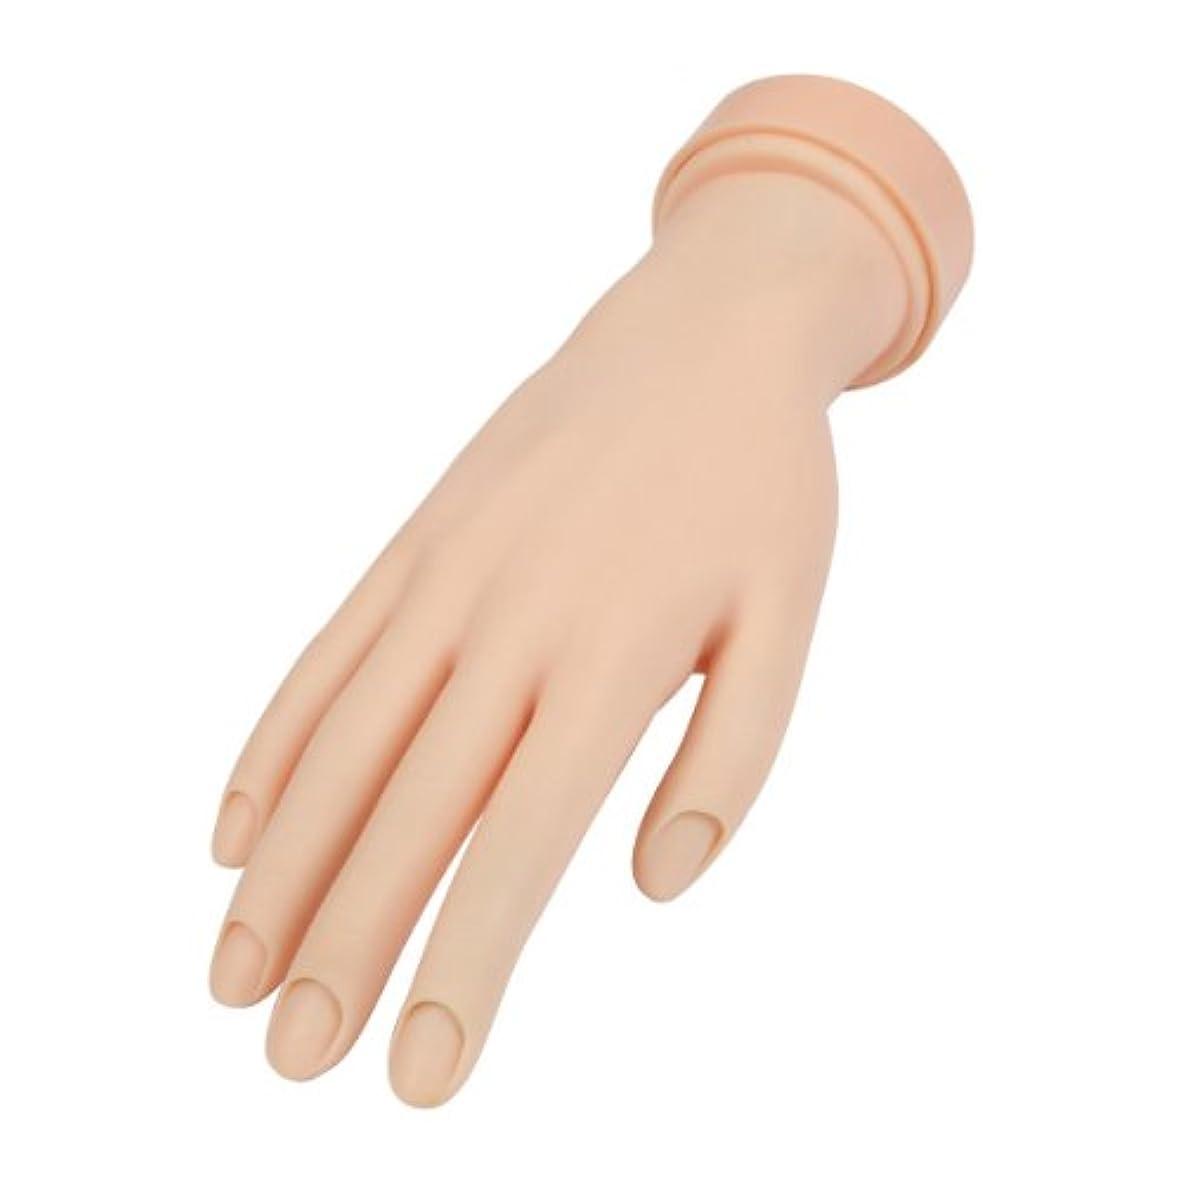 同化する推進力庭園トレーニングハンド (ネイル用) 右手 [ 練習用マネキン 手 指 ハンドマネキン マネキン 施術 トレーニング ]